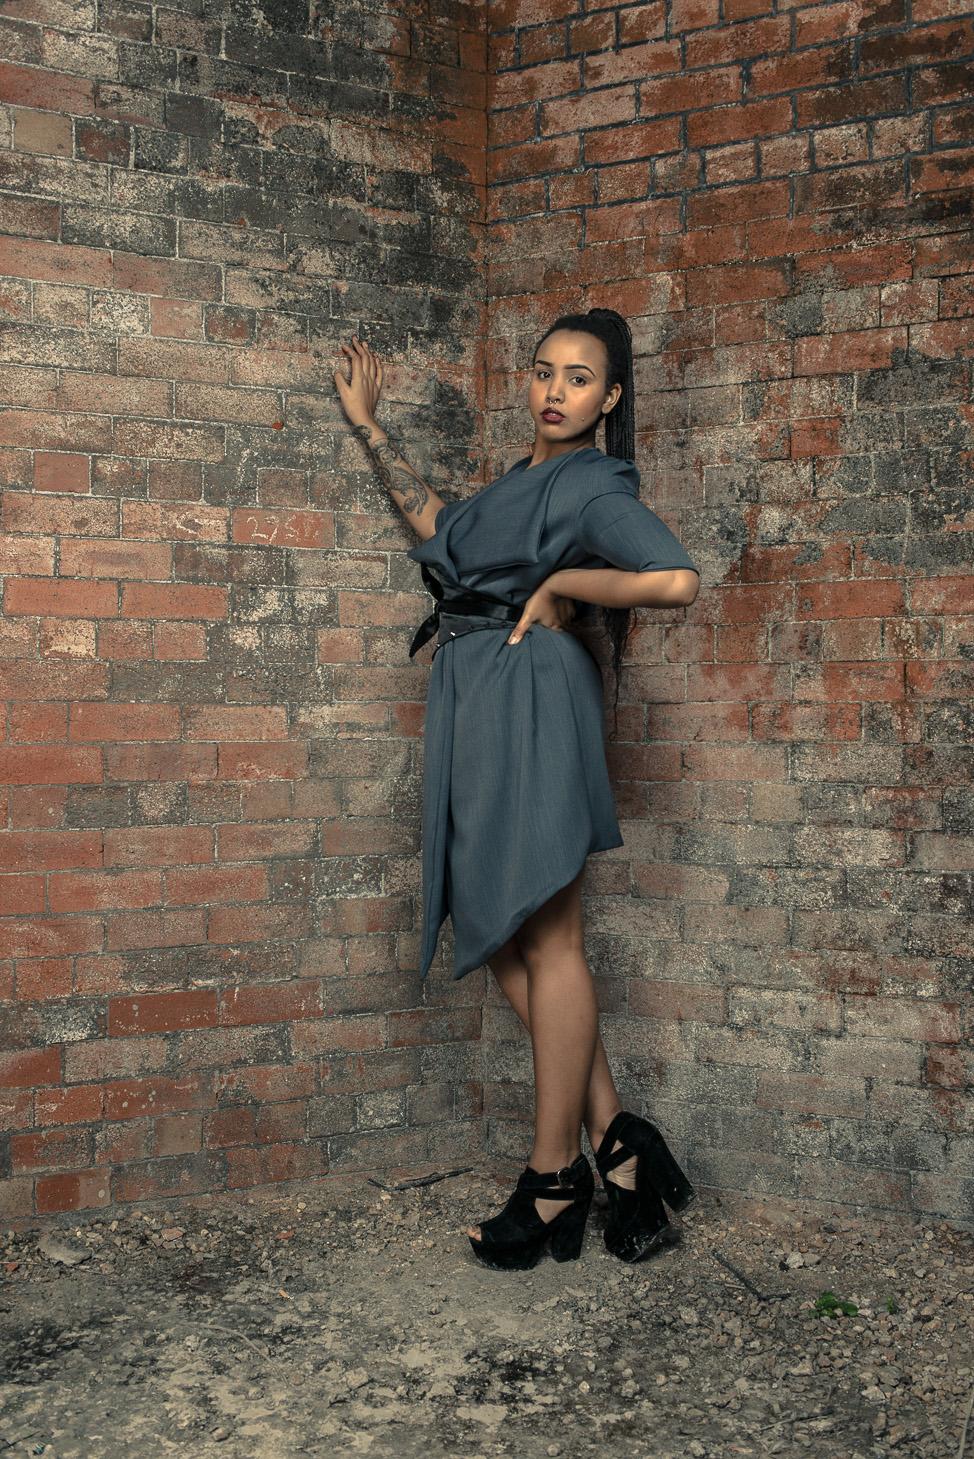 zaramia-ava-zaramiaava-leeds-fashion-designer-ethical-sustainable-tailored-minimalist-dress-jacket-versatile-drape-grey-bodysuit-black-obi-belt-wrap-cowl-styling-womenswear-models-photoshoot-22